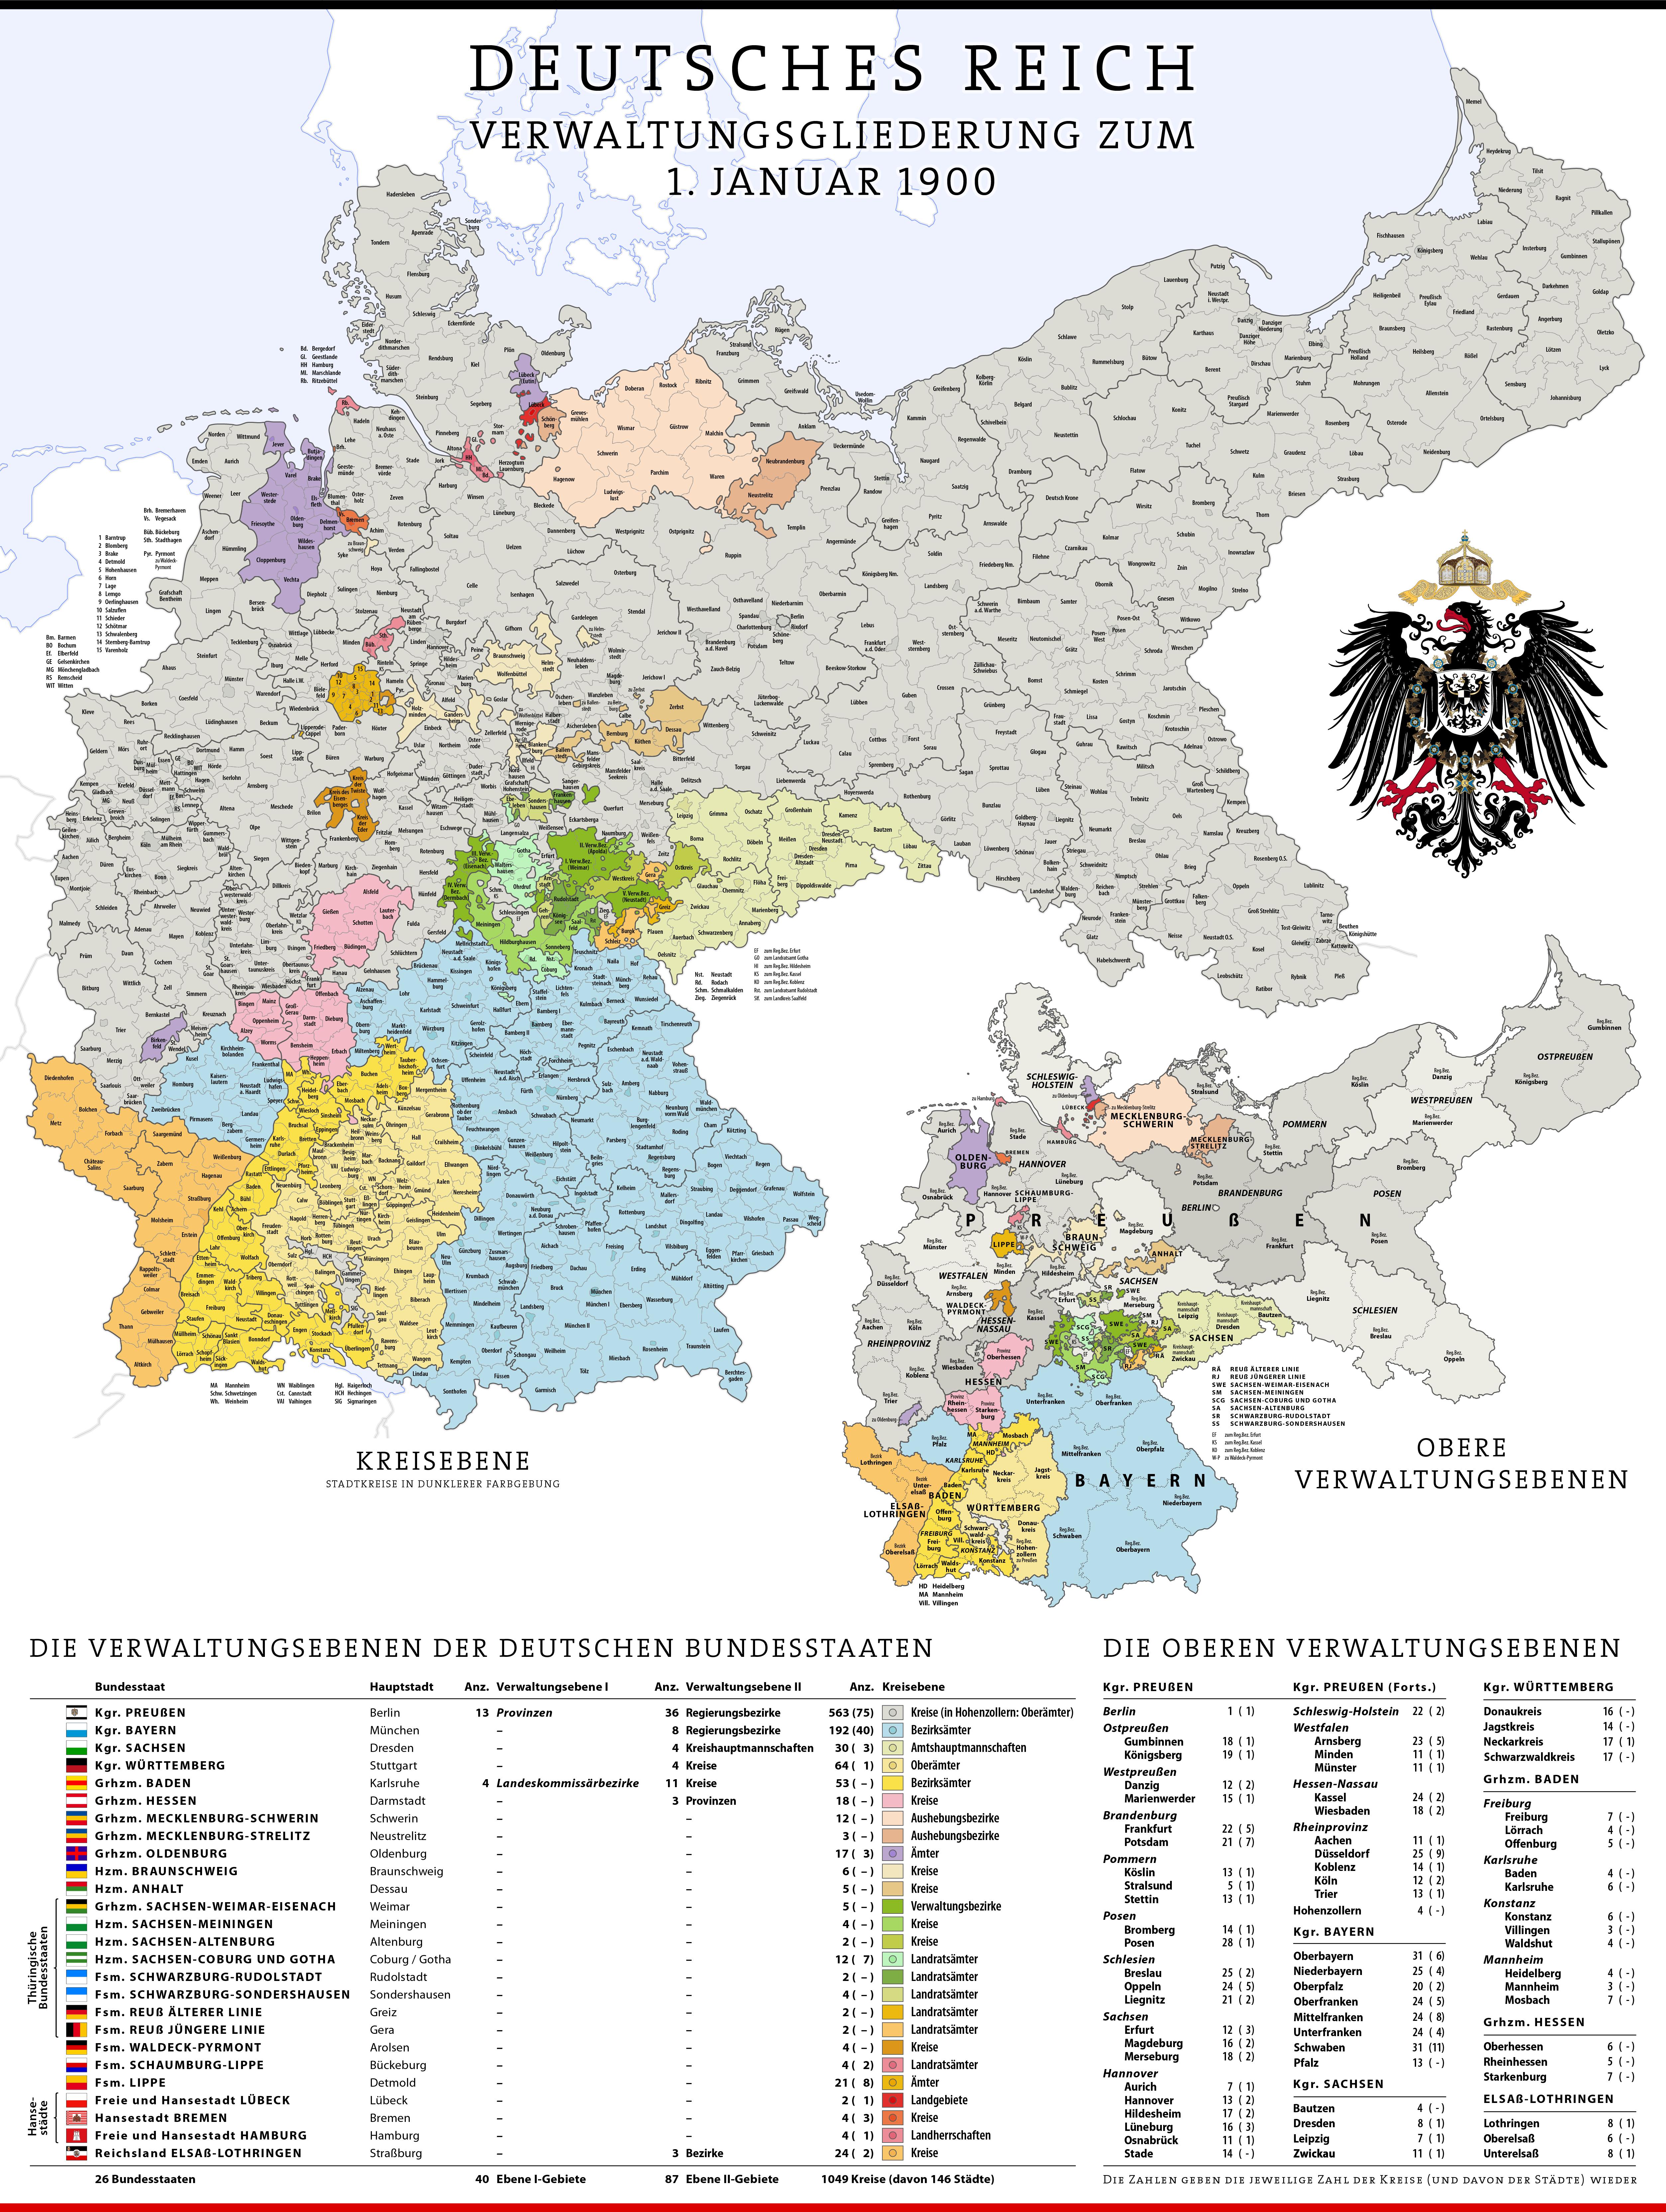 [✔] Empire Allemand Karte_Deutsches_Reich%2C_Verwaltungsgliederung_1900-01-01